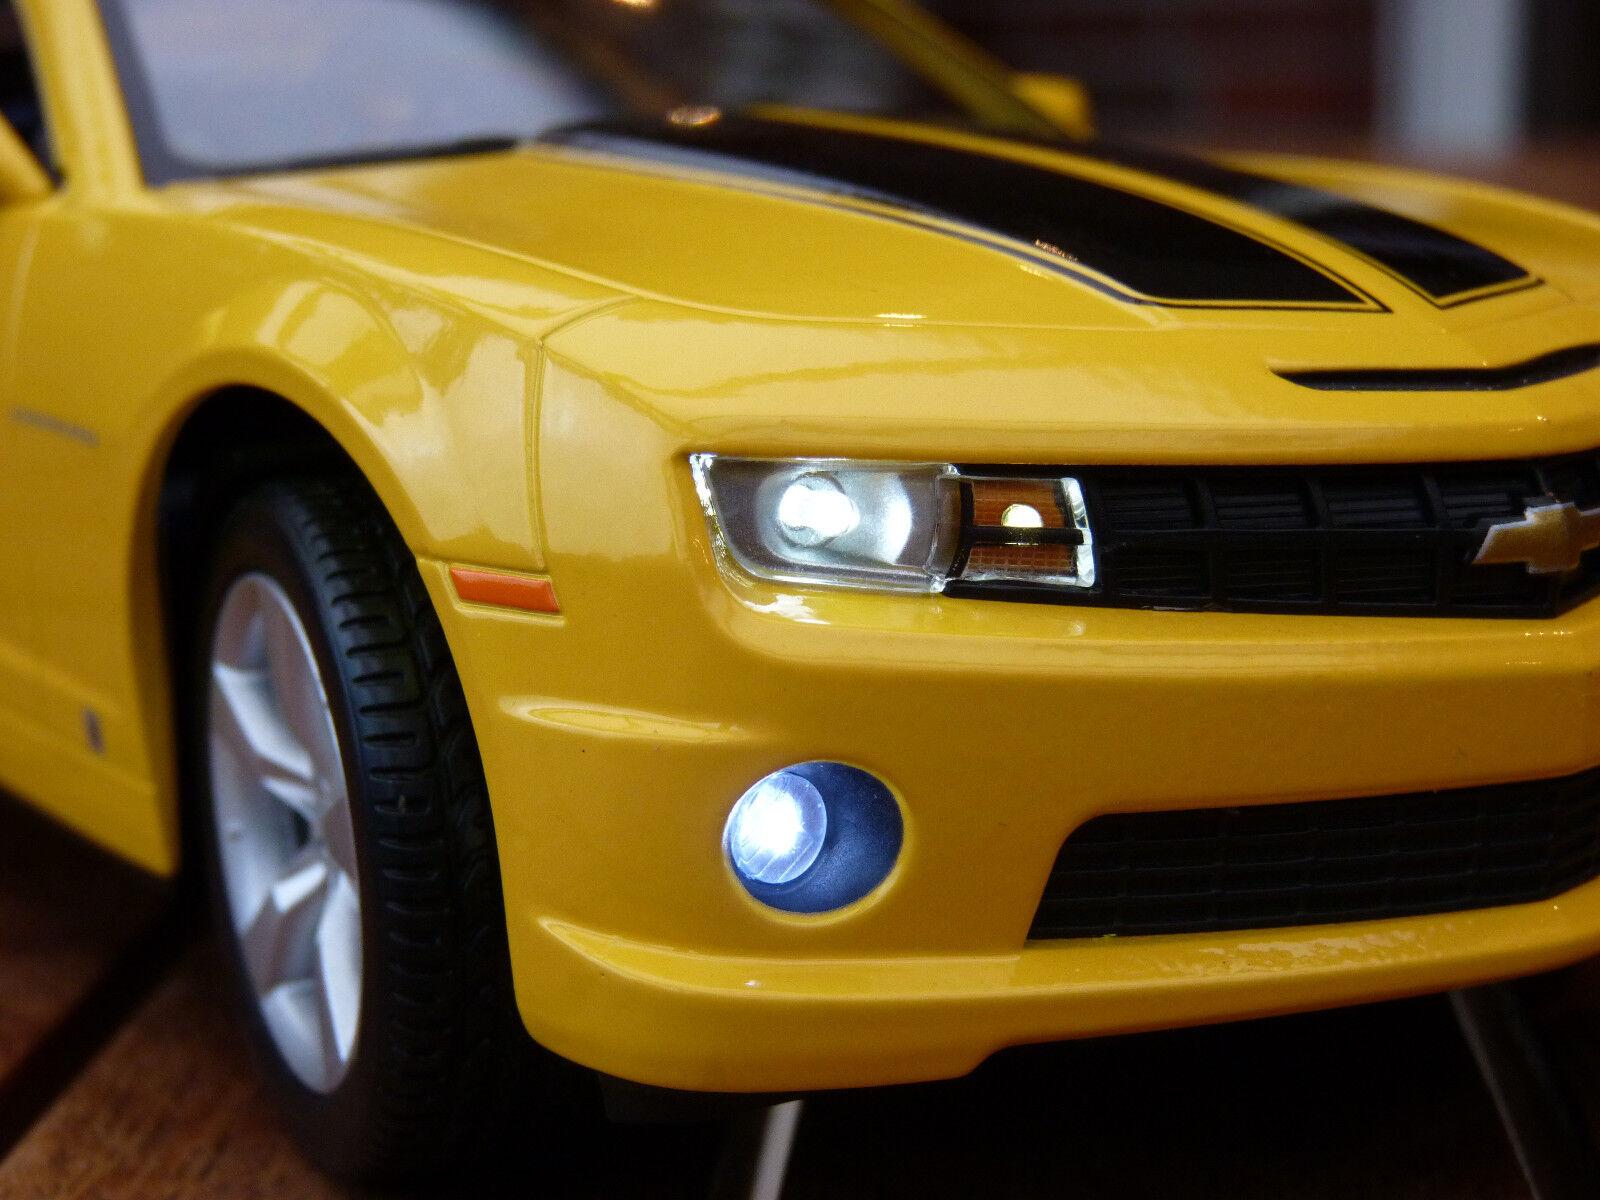 2010 Chevrolet Camaro SS RS con iluminación LED (Xenon) 1 18 maisto giallo